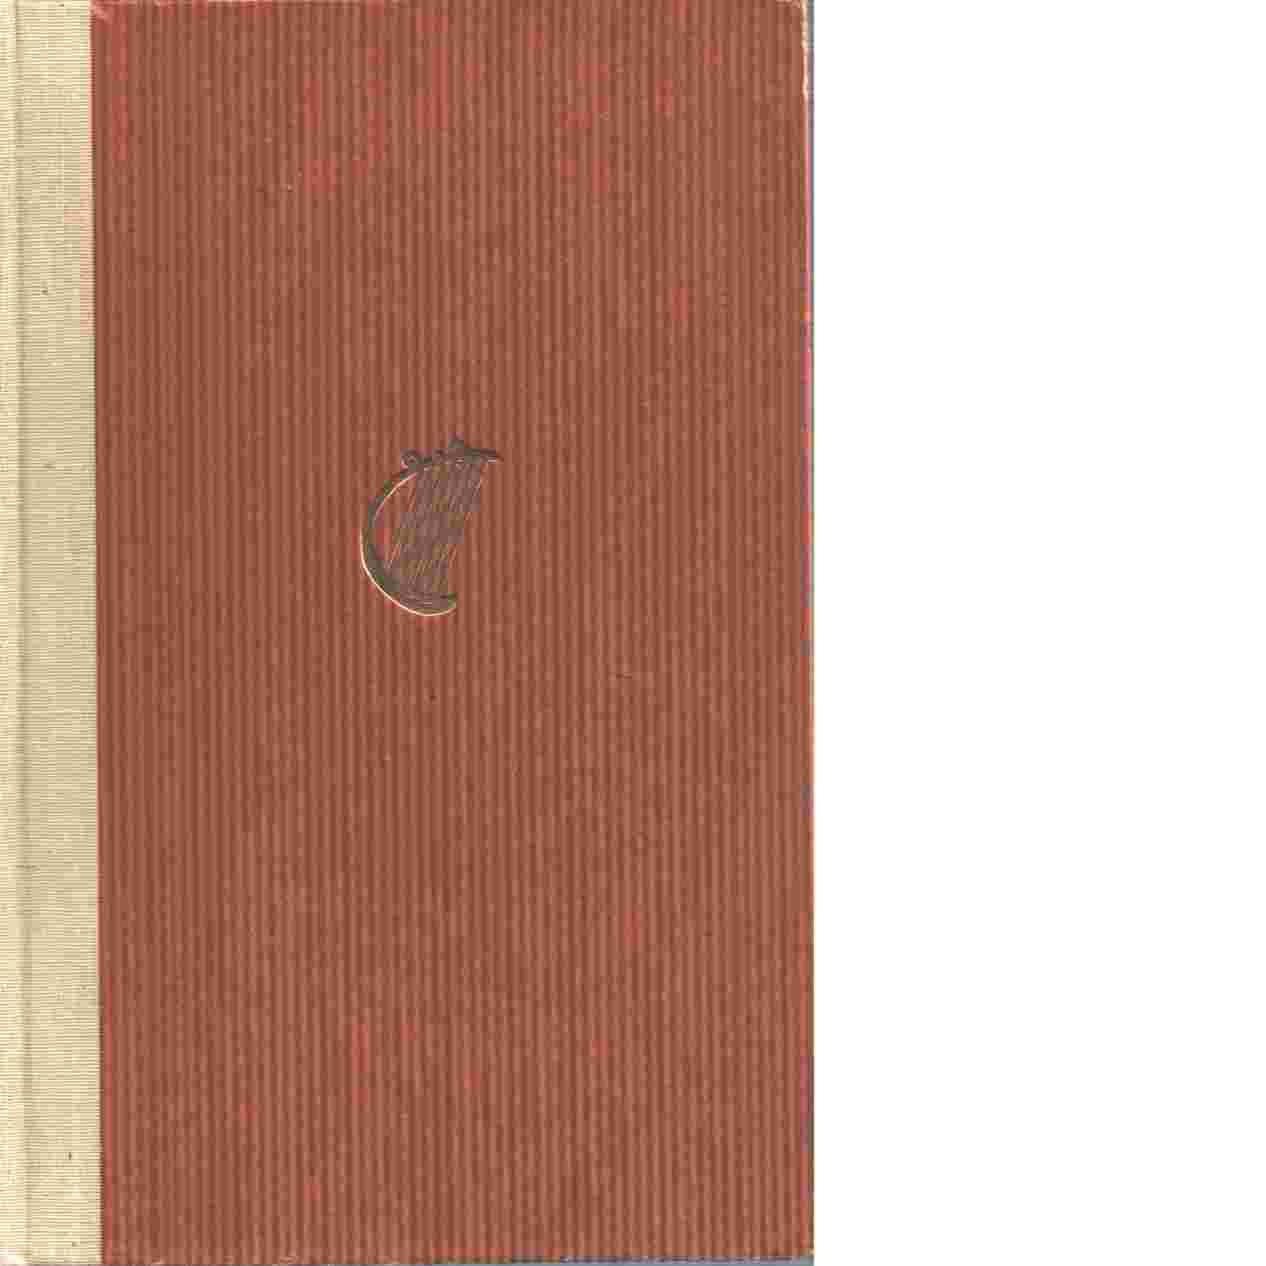 100 dikter : ett urval ur sex versböcker - Gullberg, Hjalmar